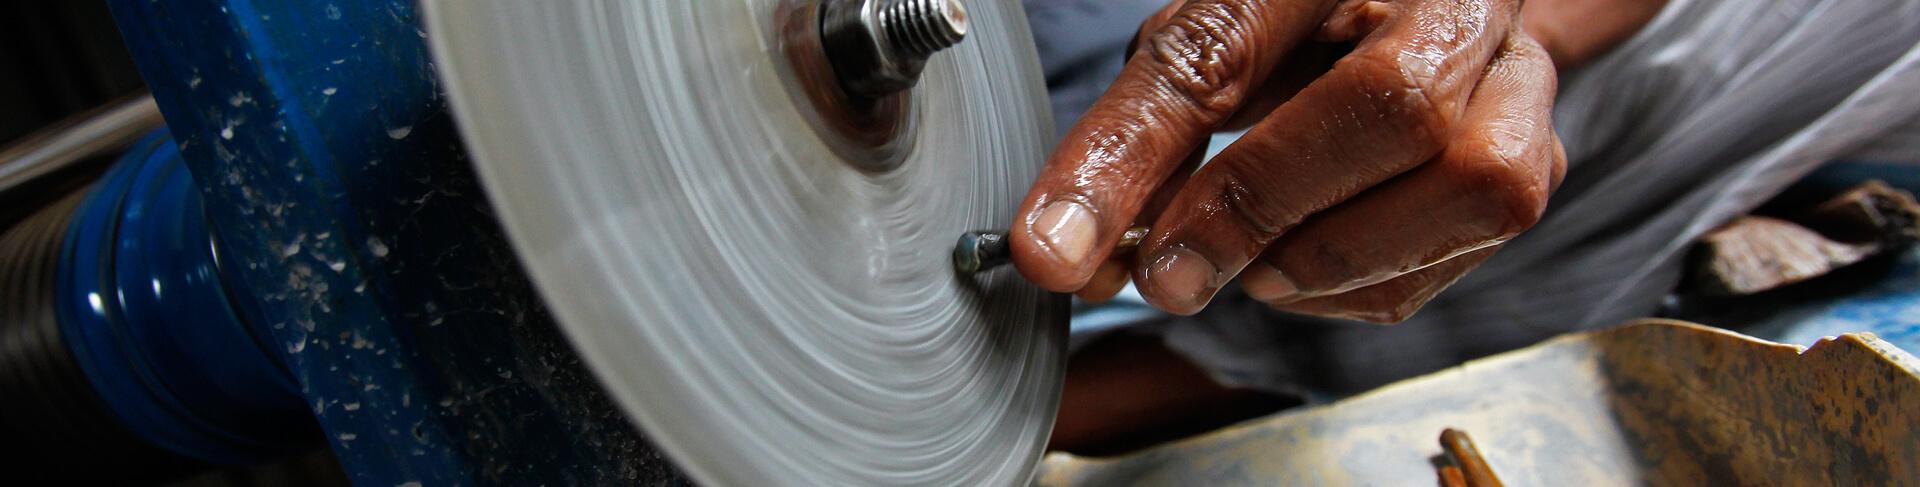 Sri Lankan Sapphire Miner Cutting Gem